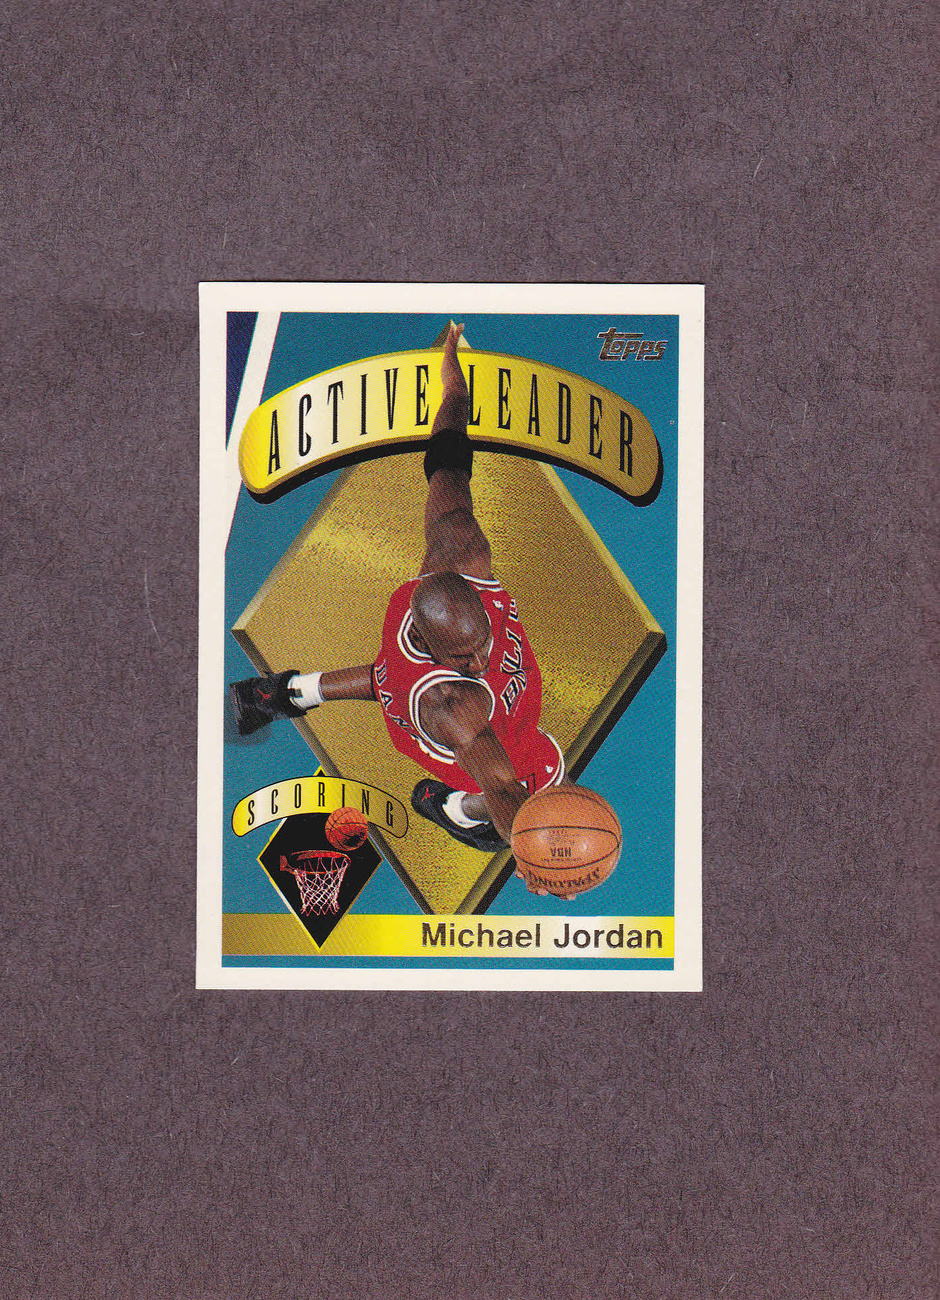 1995-96 Topps # 1 Michael Jordan Chicago Bulls NM